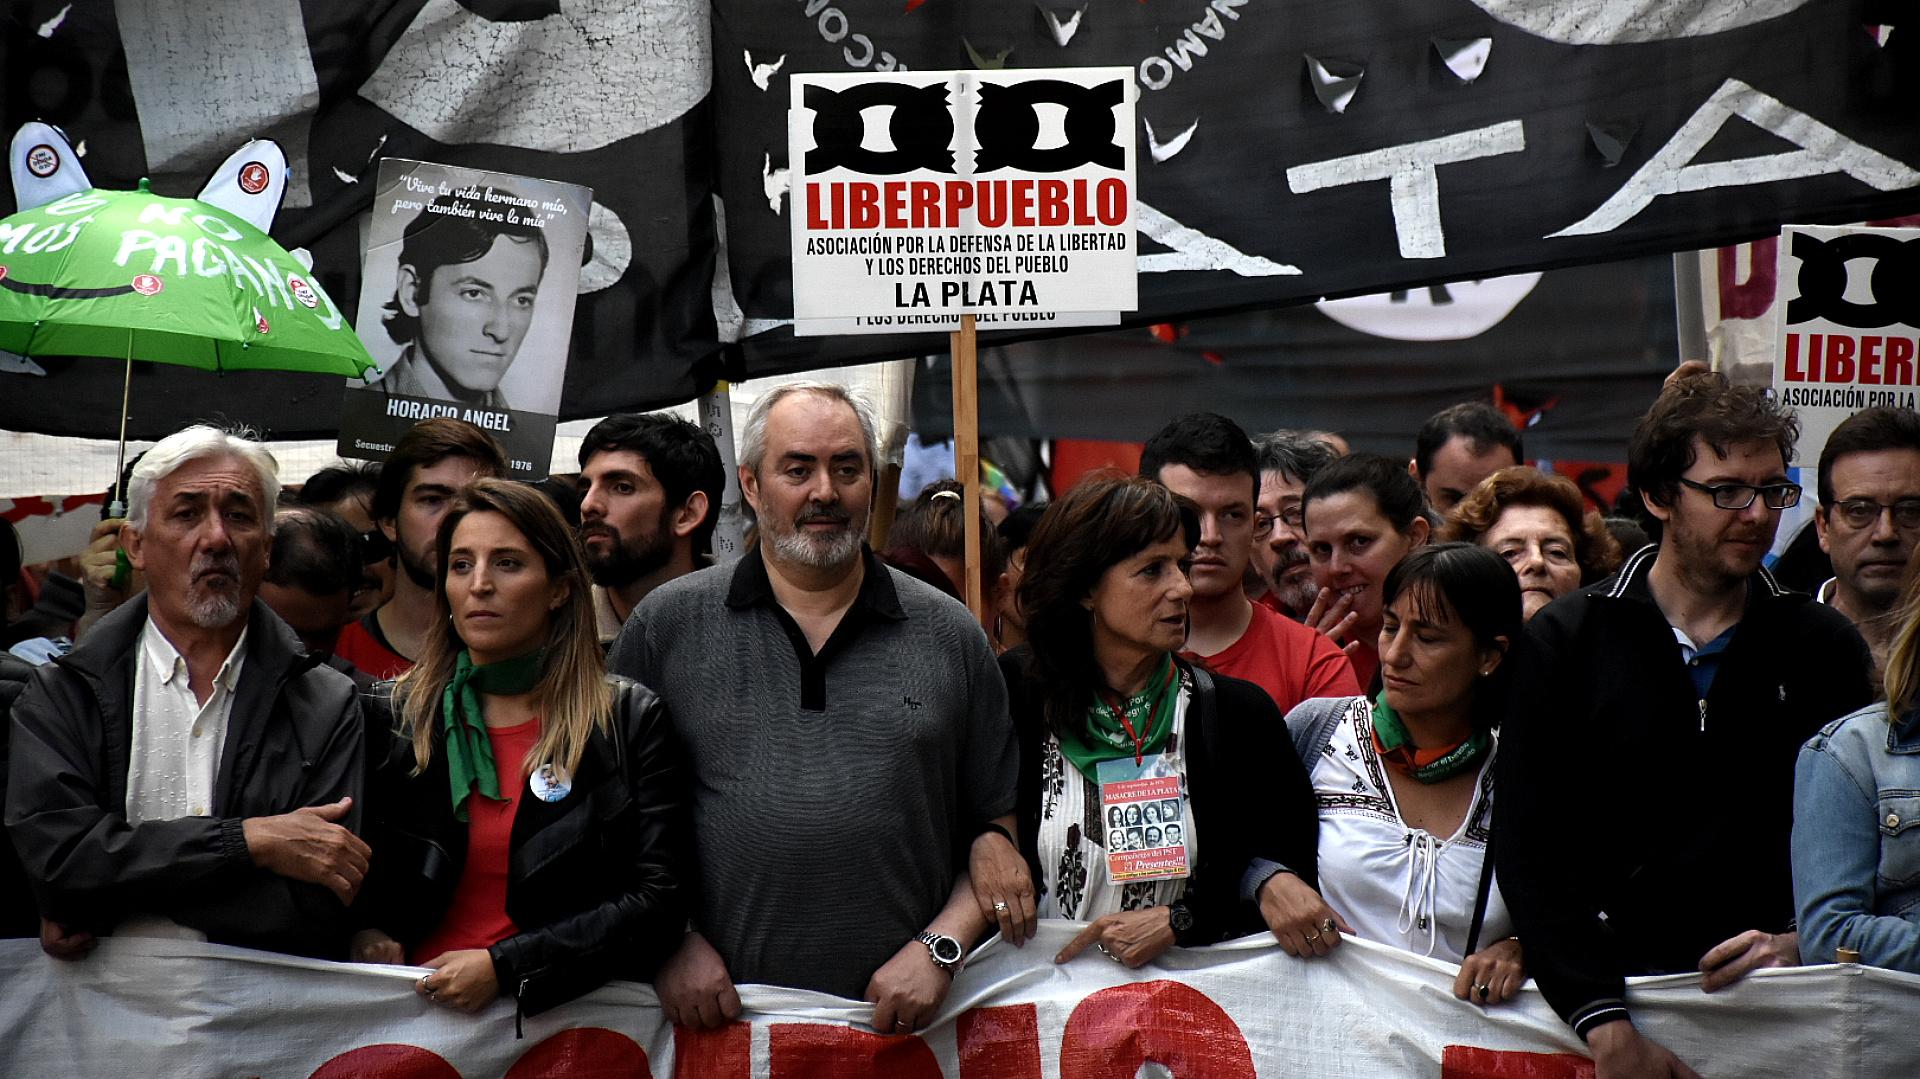 Dirigentes de partidos de Izquierda marcharon durante el acto central